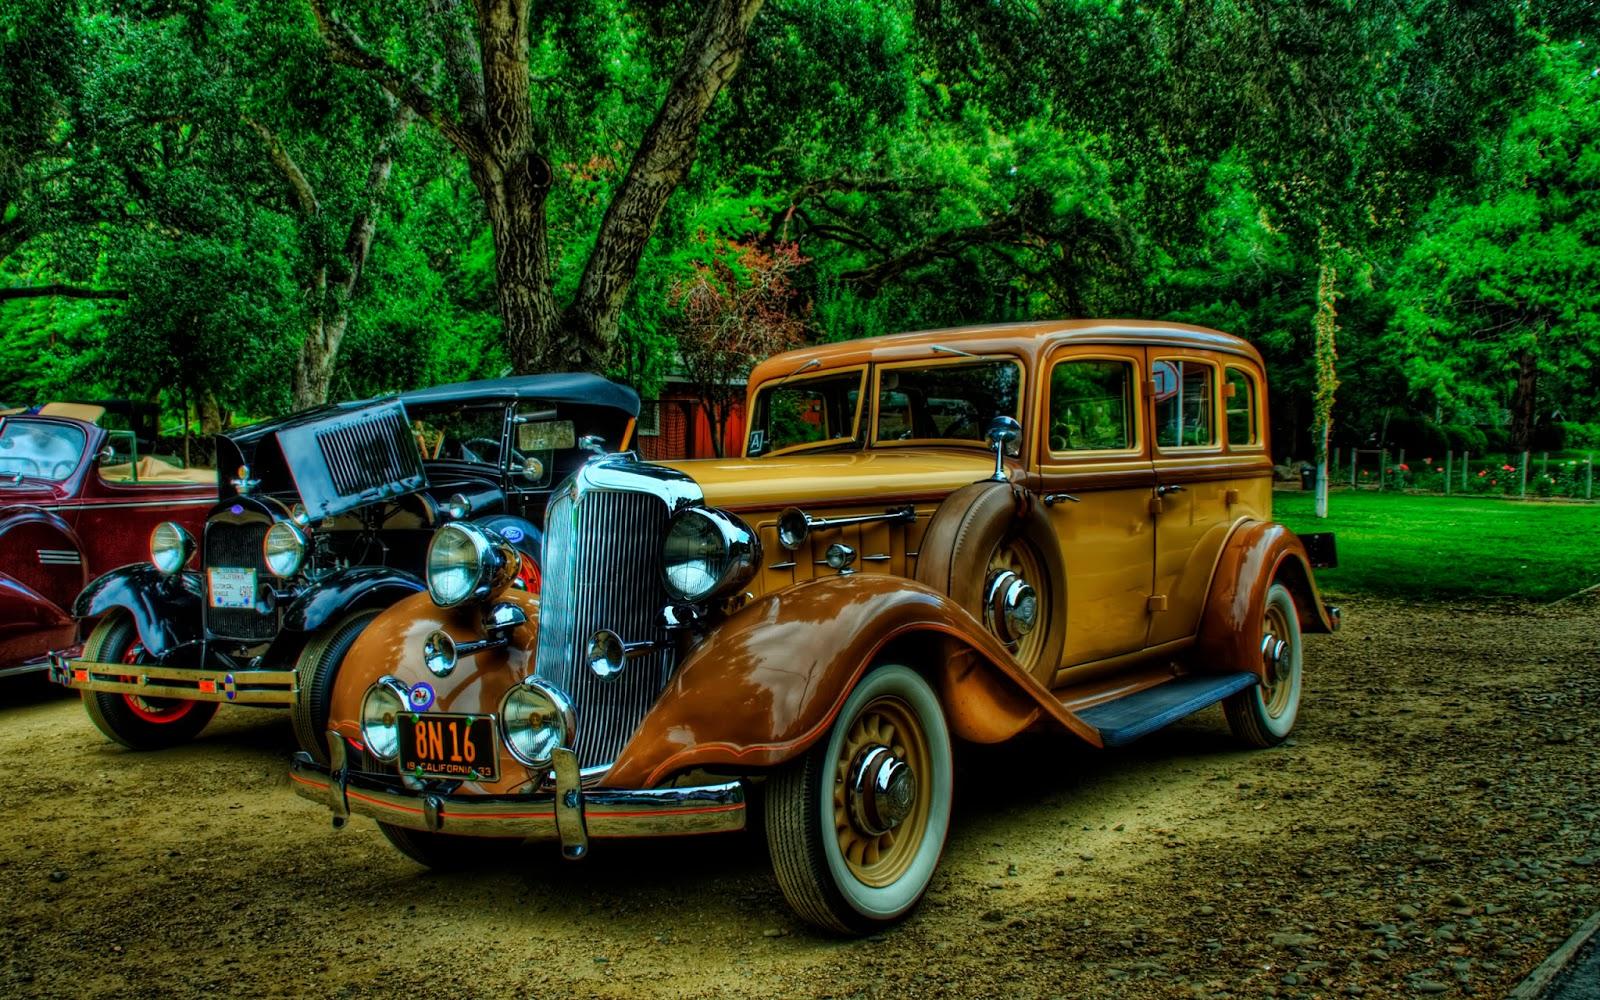 بالصور .. تعرف على اجمل السيارات لكلاسيكية